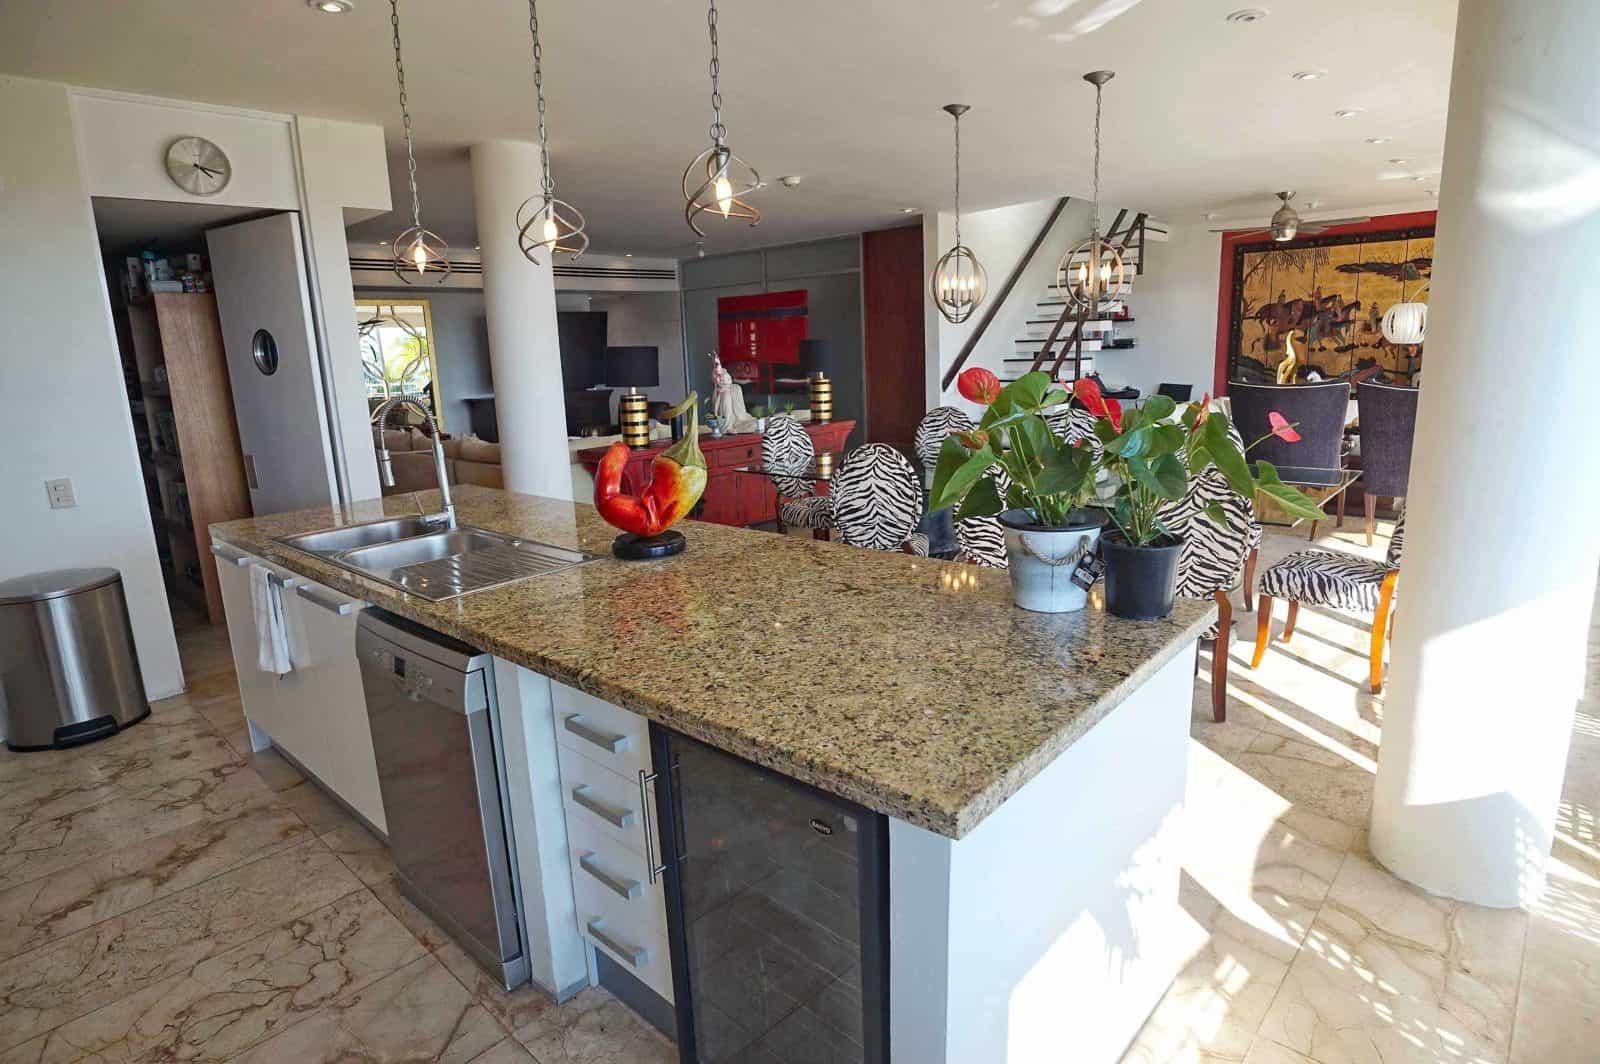 Magia penthouse open kitchen